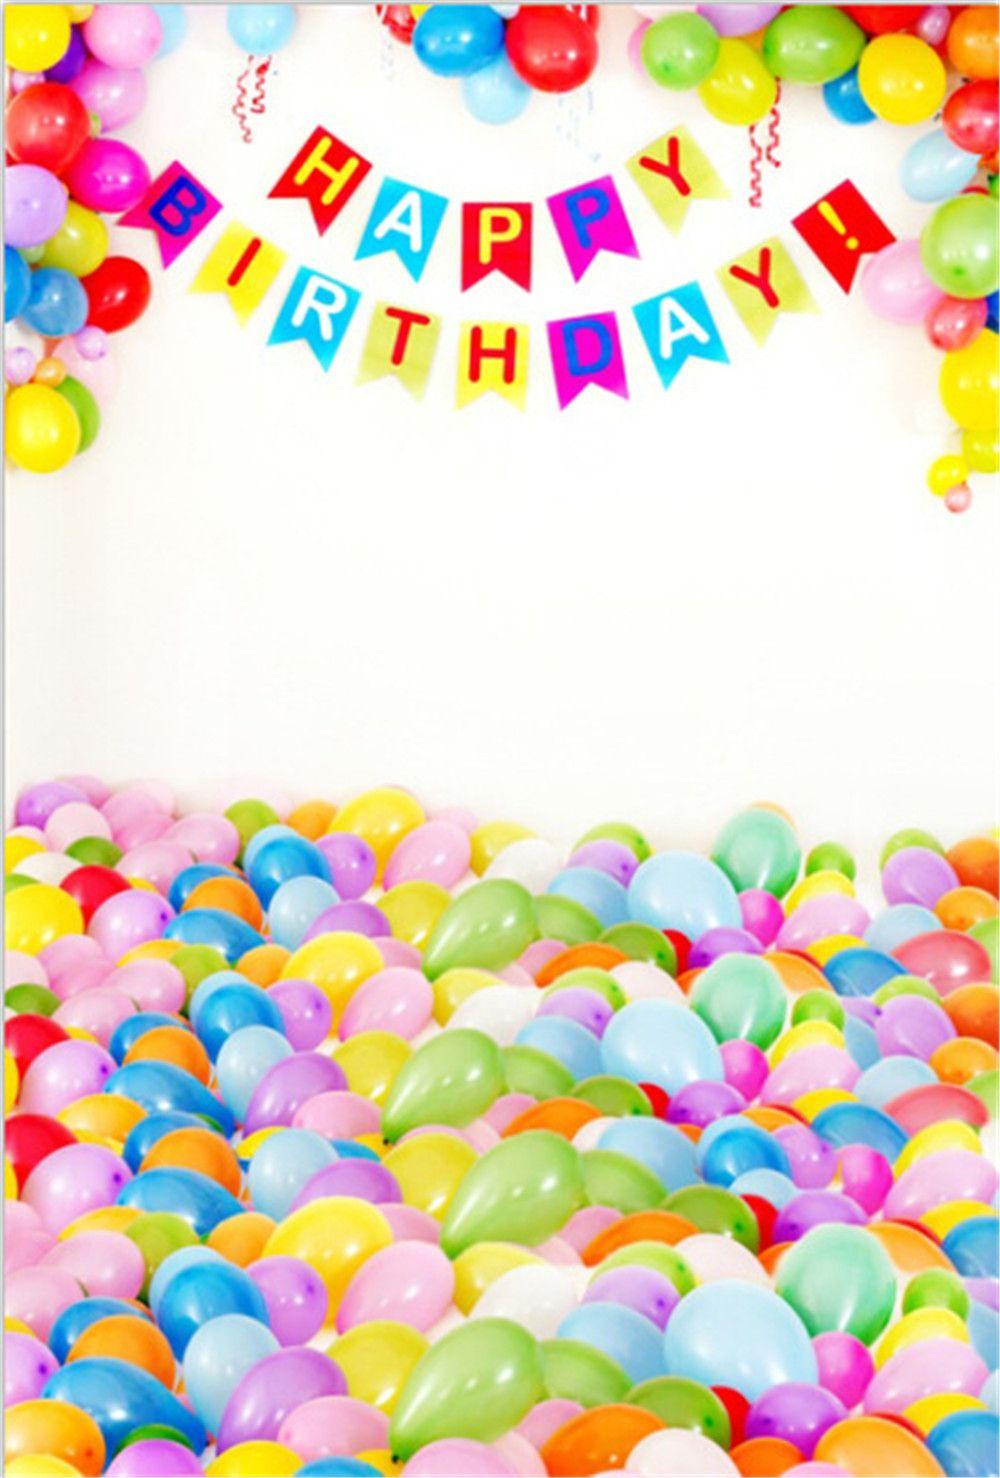 Ballons colorés Joyeux anniversaire Photographie Décors Vinyle Tissu Bébé Nouveau-Né Accessoires Photo Studio Photo Portrait Fond Photographique Fond